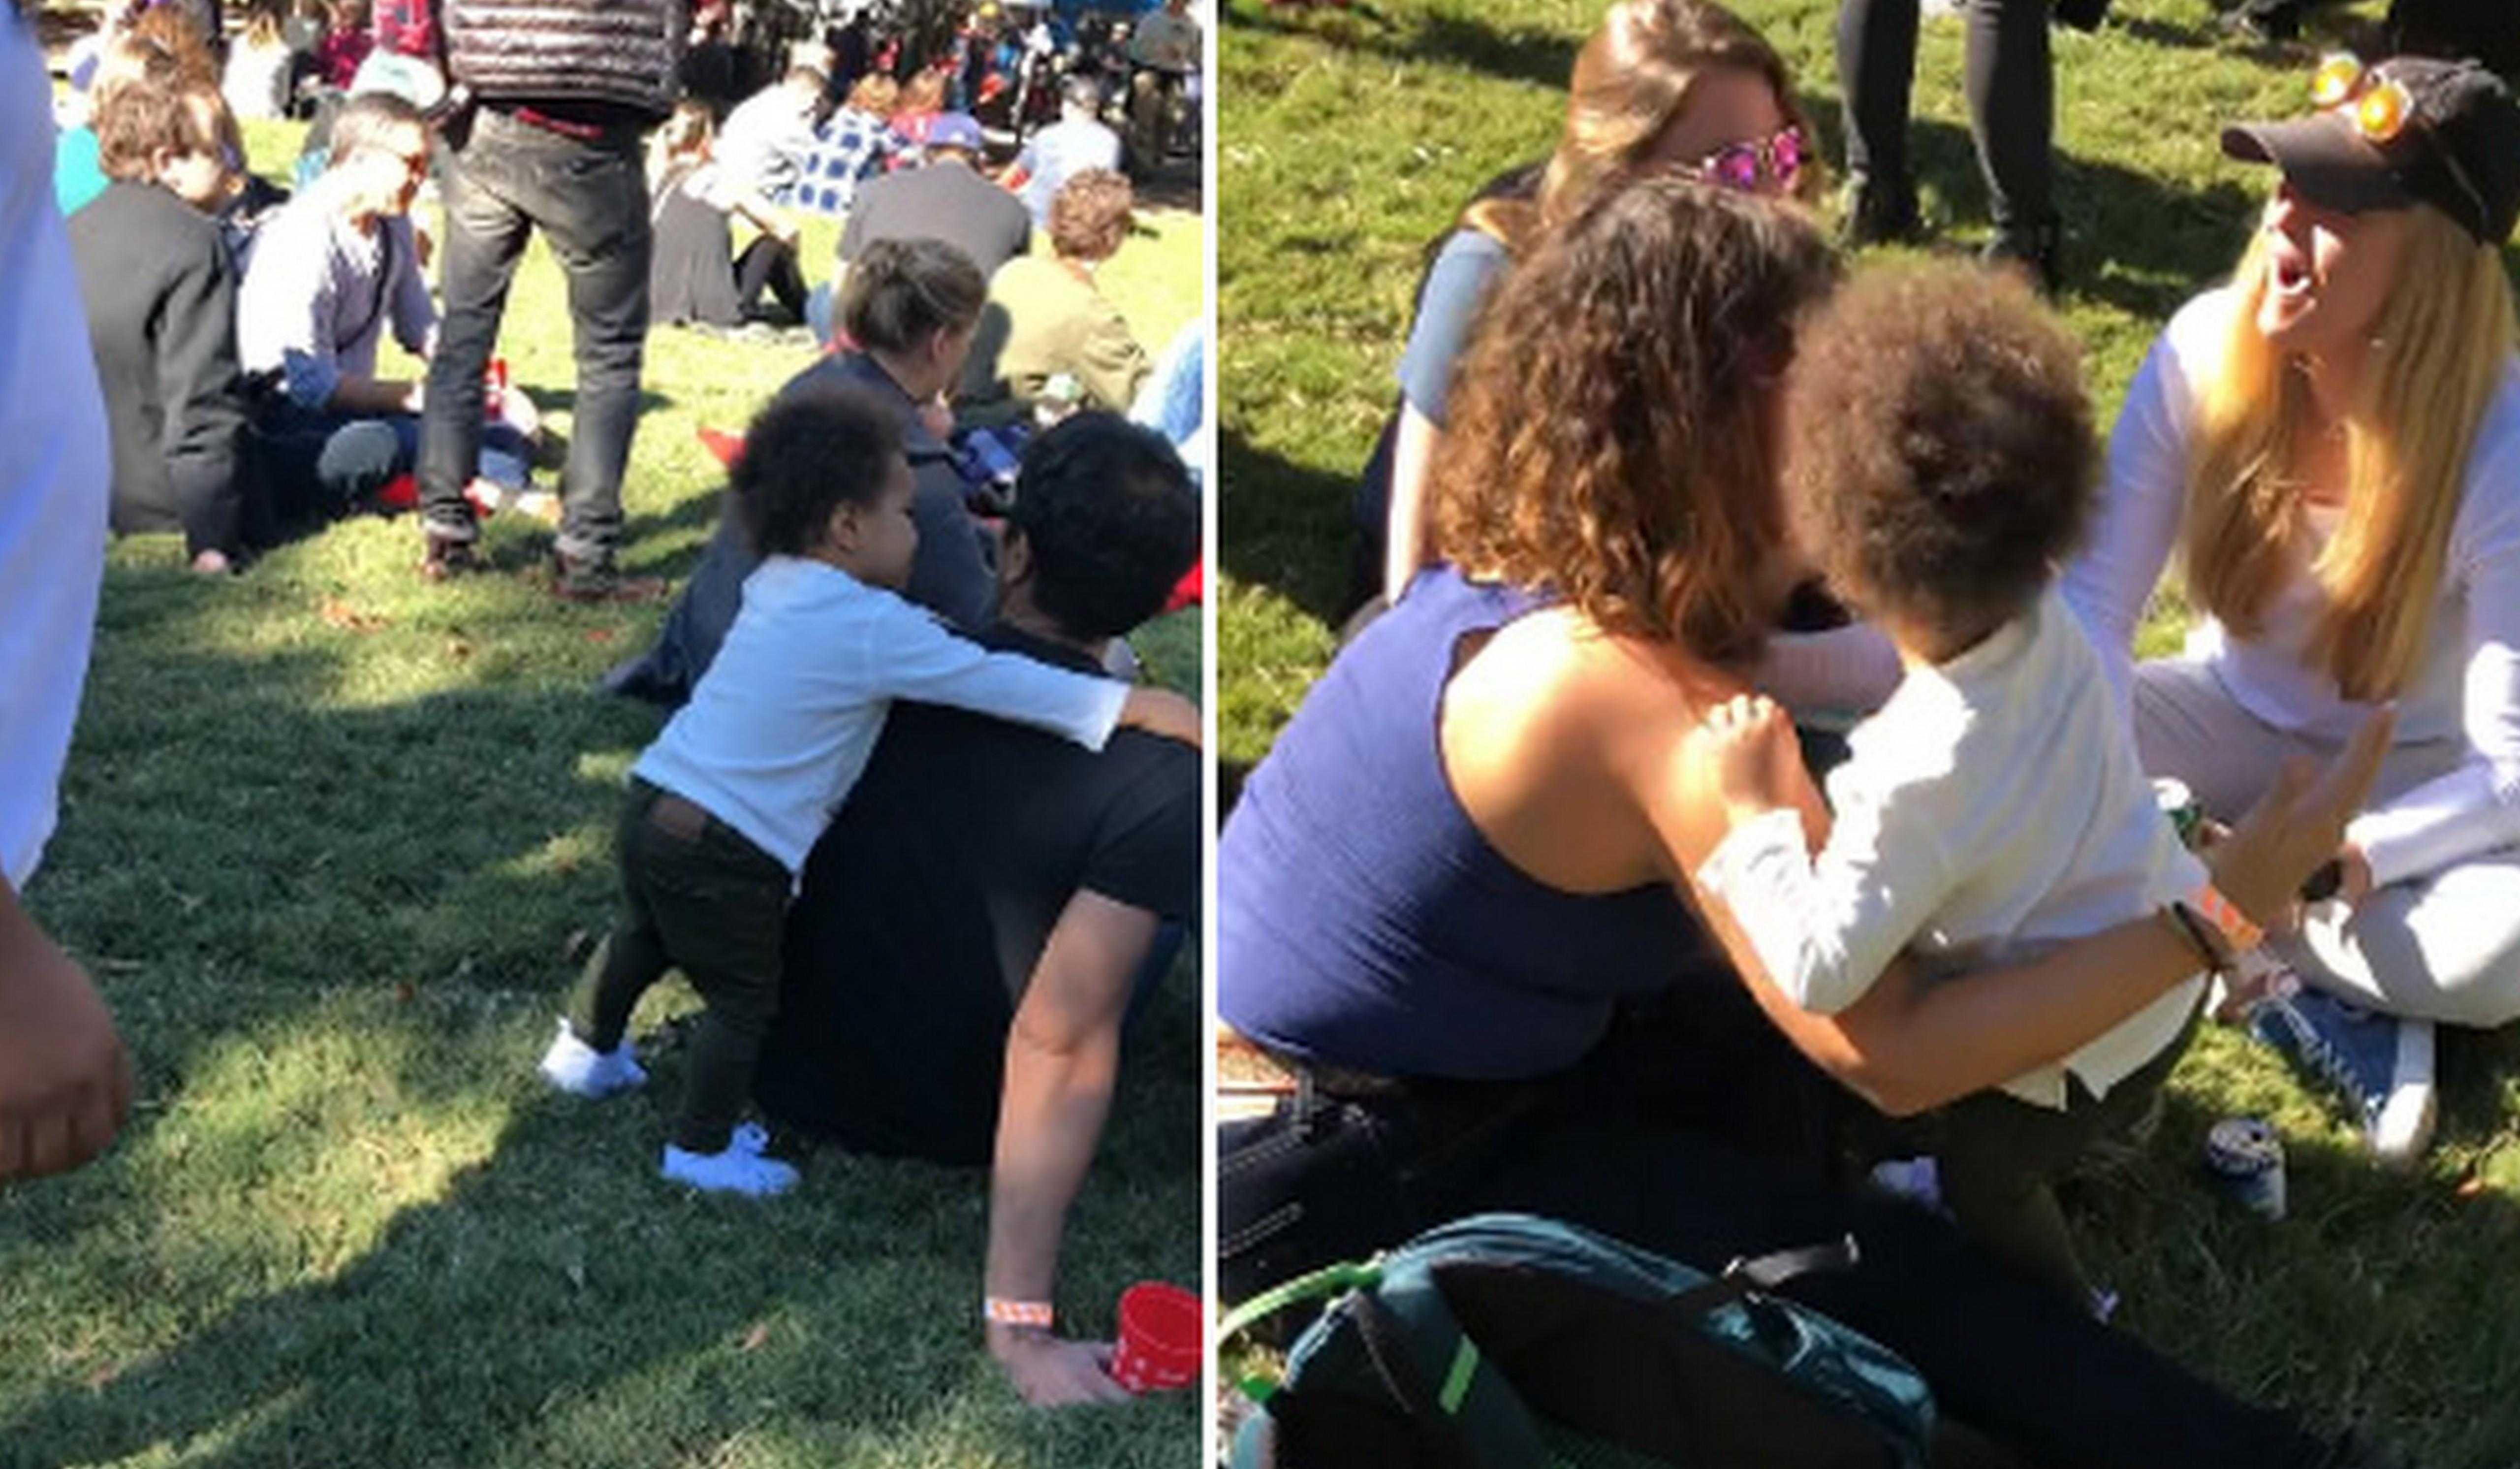 Garotinha dá 'tchau' e abraça desconhecidos antes de ir embora de evento 2